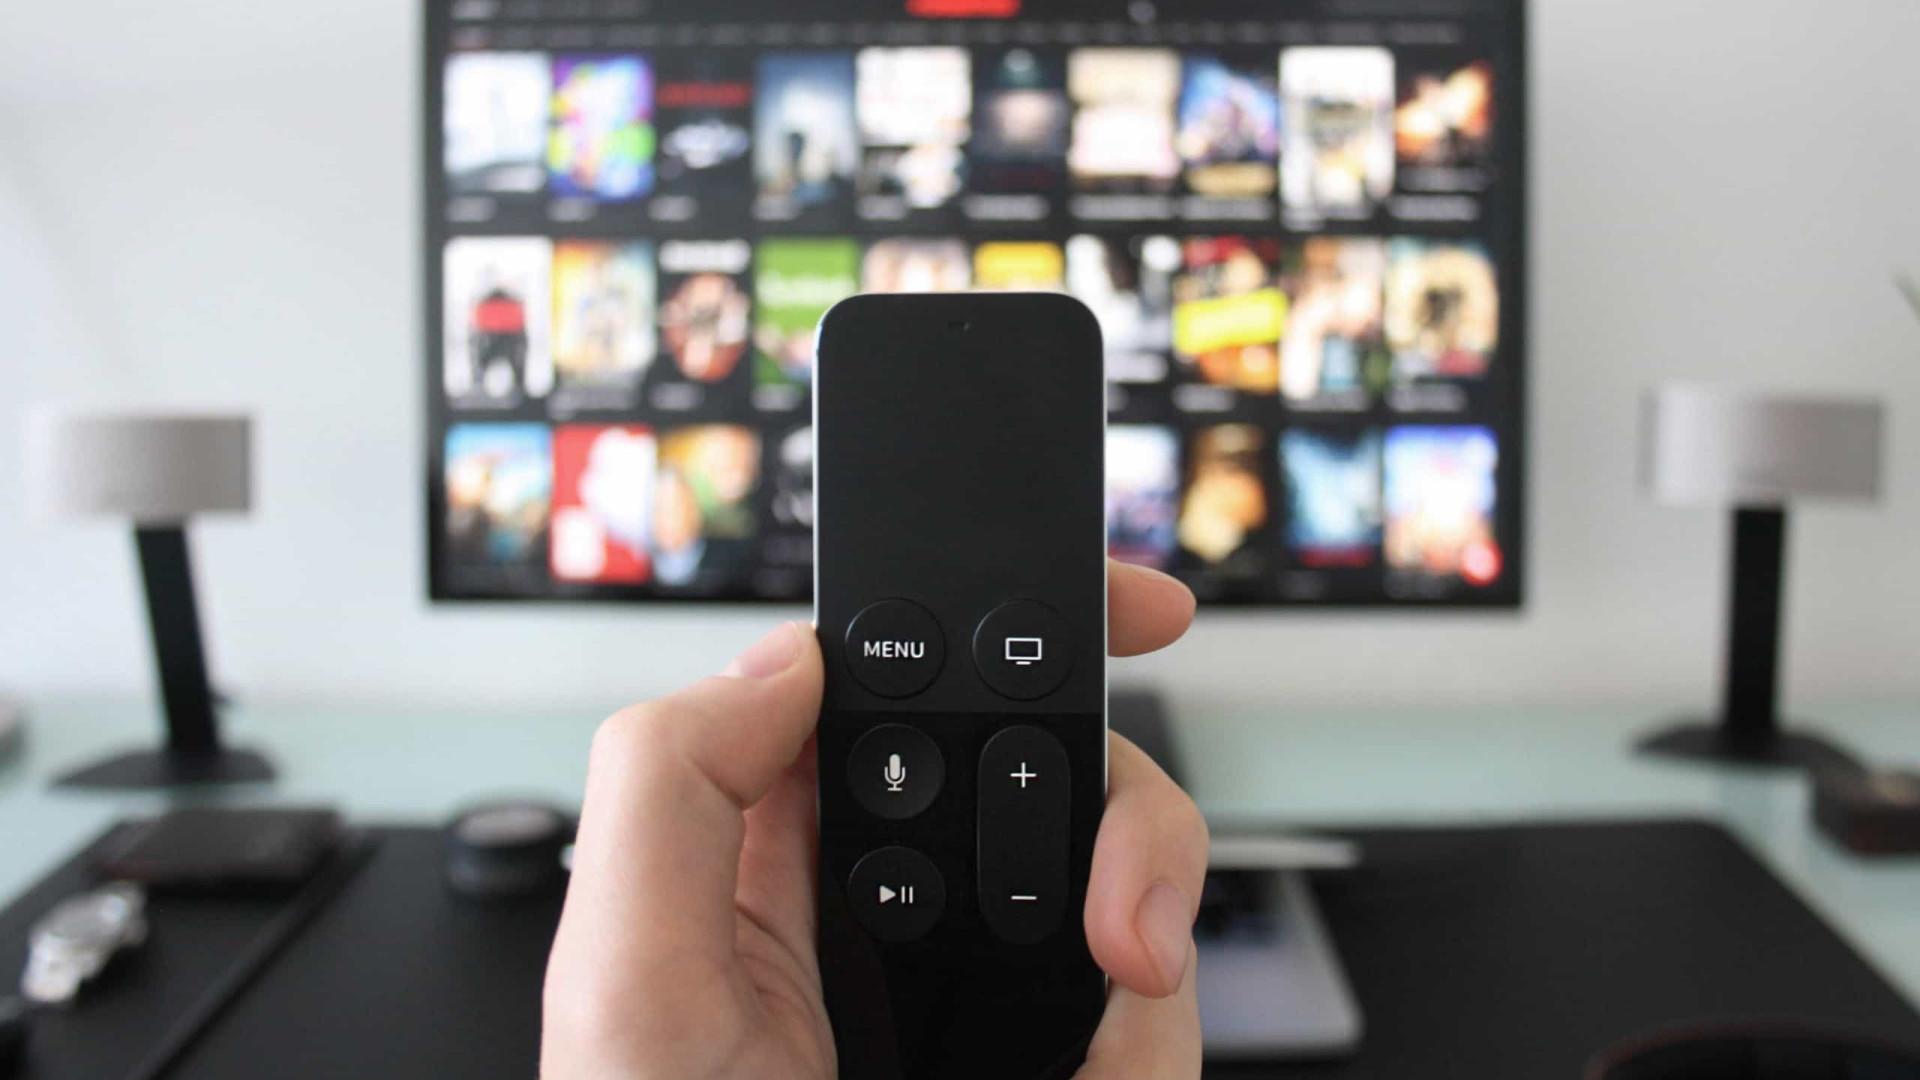 Menos pessoas assistem à TV, mas nem todas migraram para o streaming